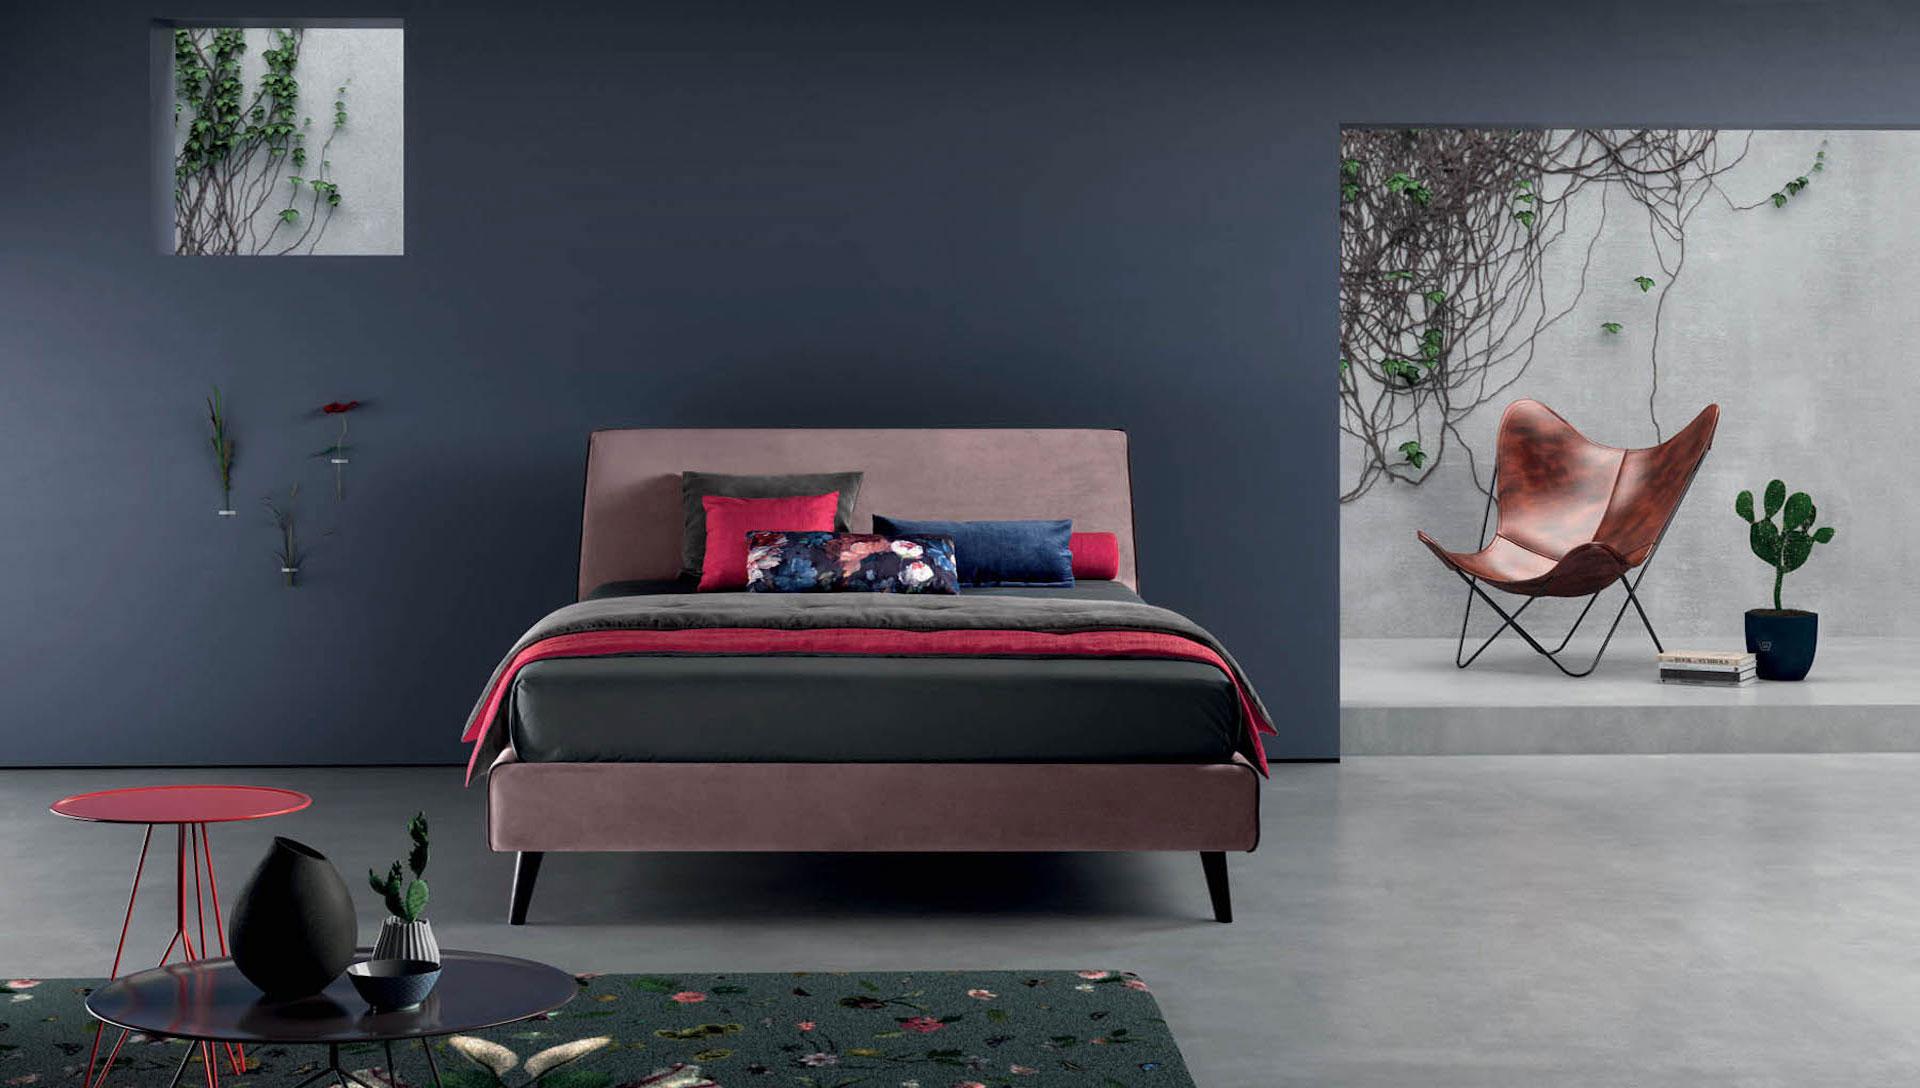 zona-notte-b-side-comodus-arredamenti-nicoletti-interni-interior-design-divani-complementi-arredo-mobili-design-accessori-matera